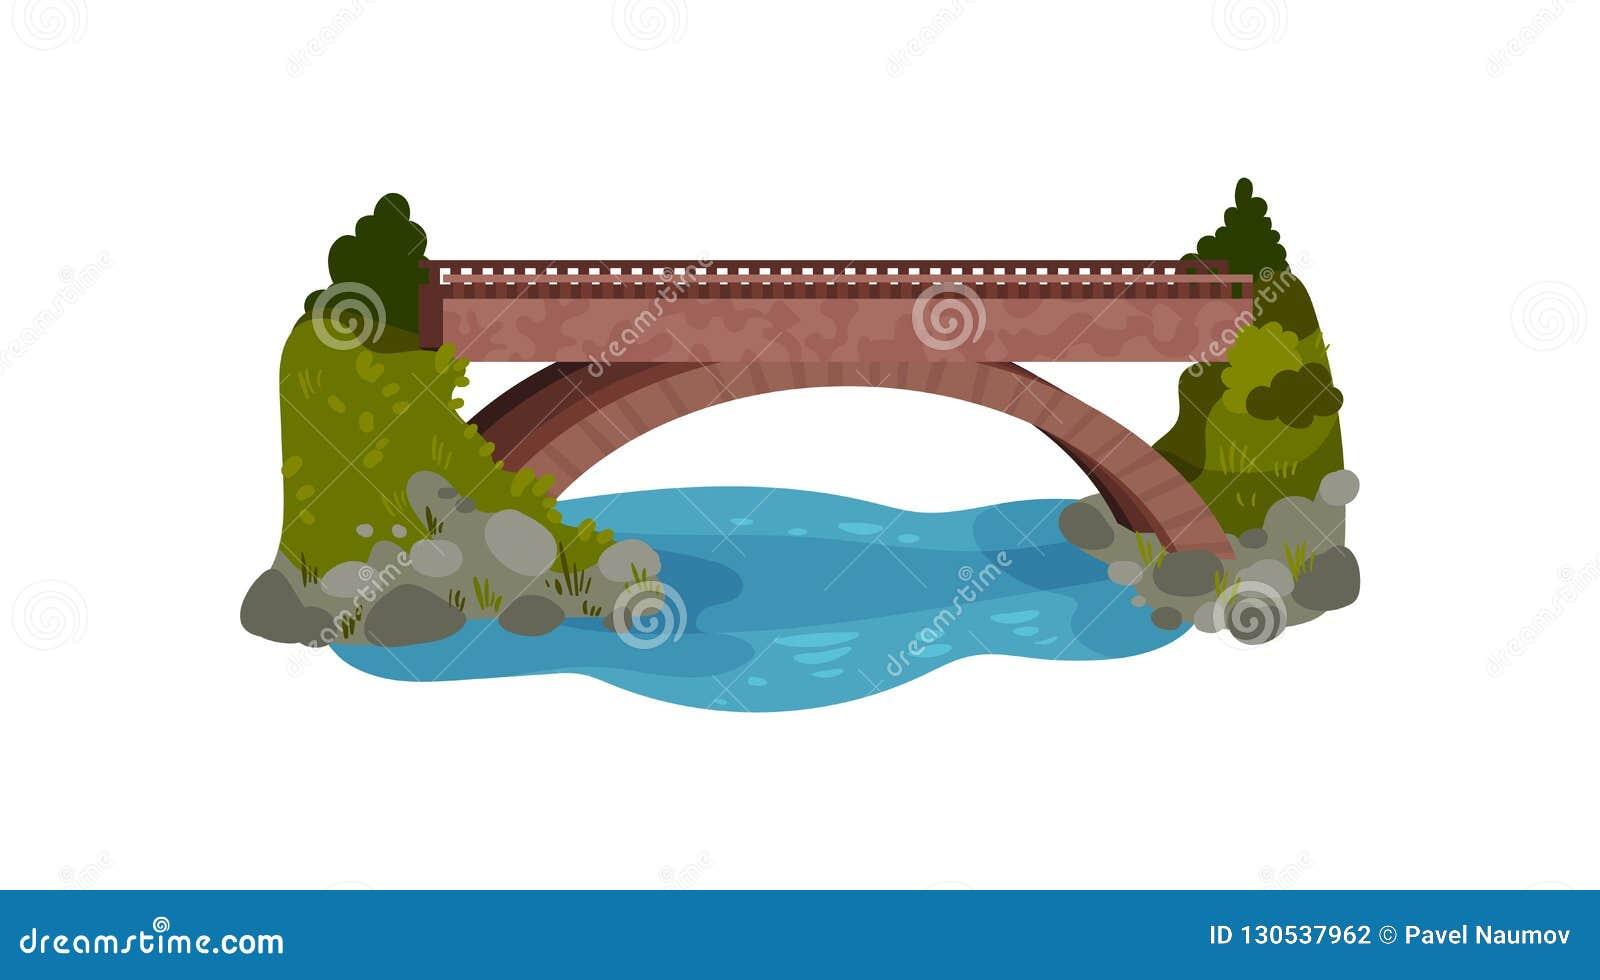 Grande ponte sobre o rio Arbustos e grama verde, pedras e água Elemento da paisagem Projeto liso do vetor para o mapa da cidade